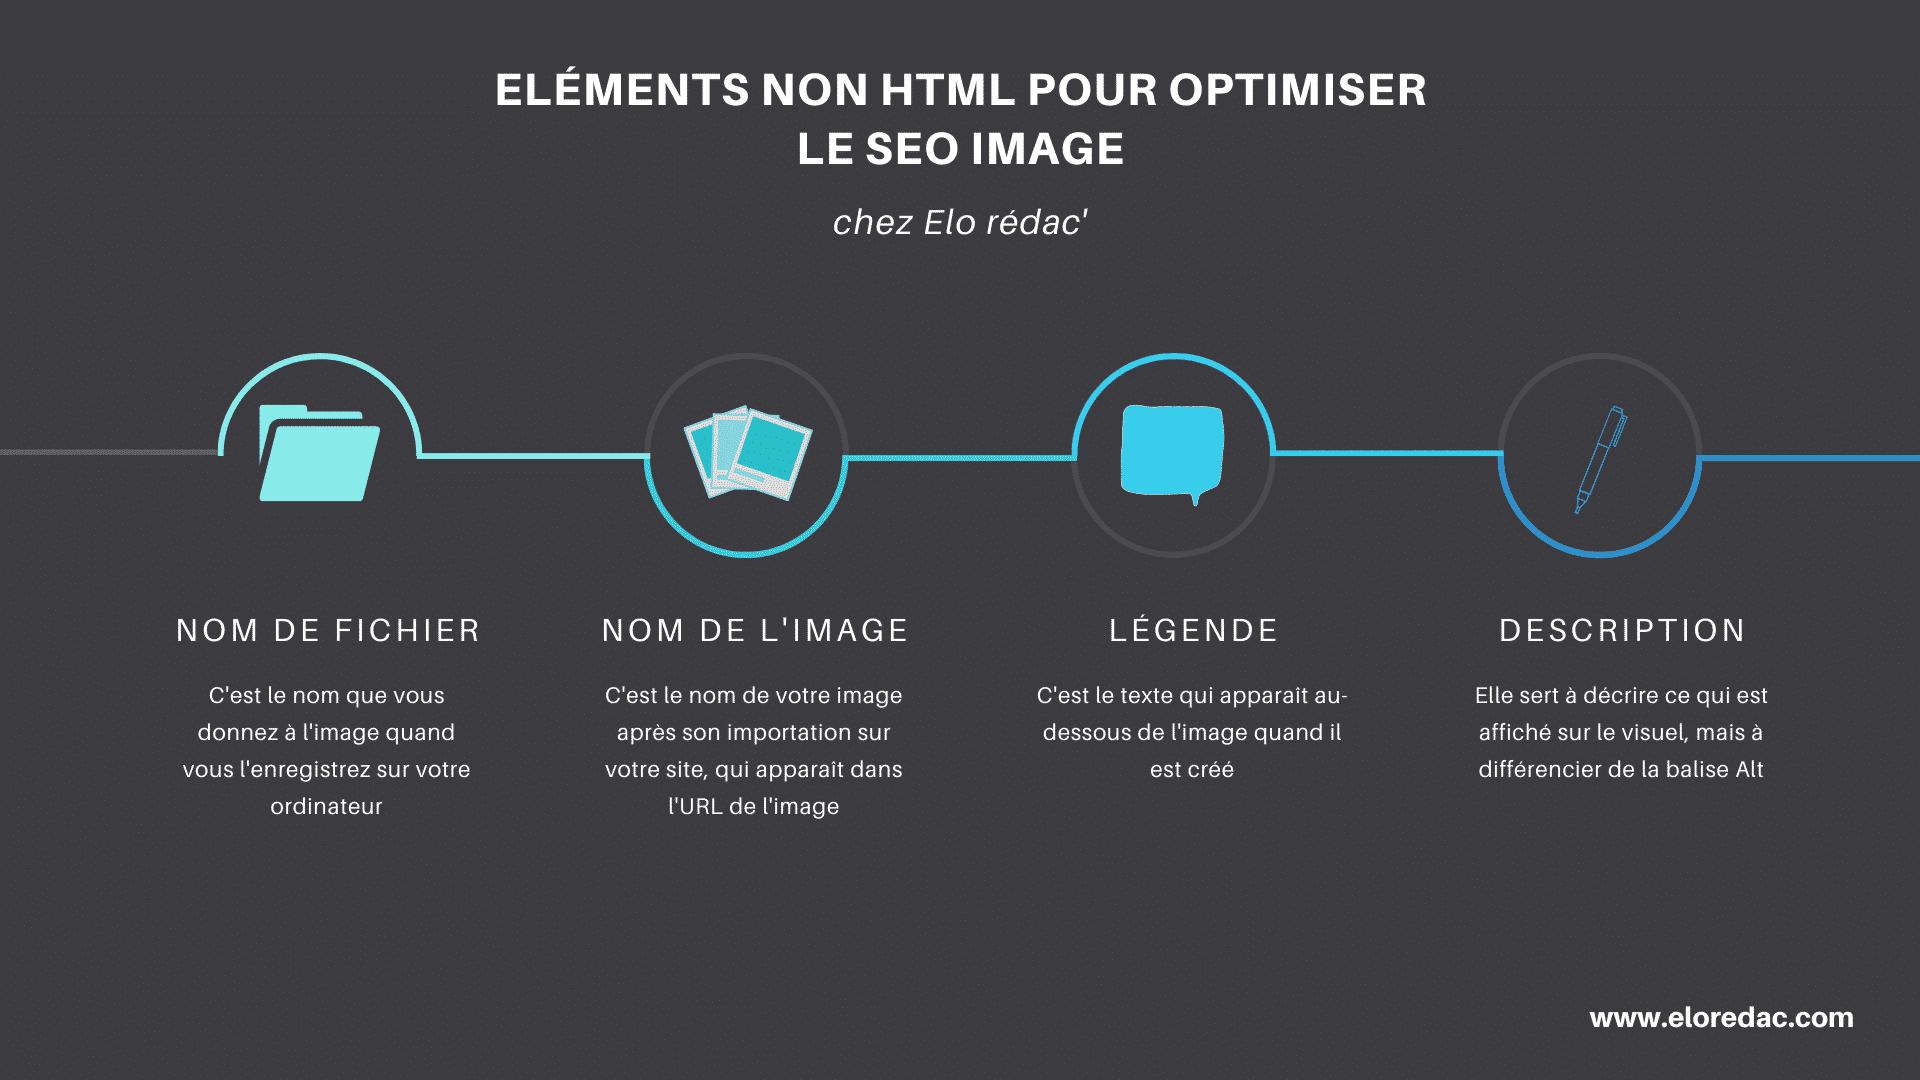 Les éléments non html pour optimiser le SEO de vos images